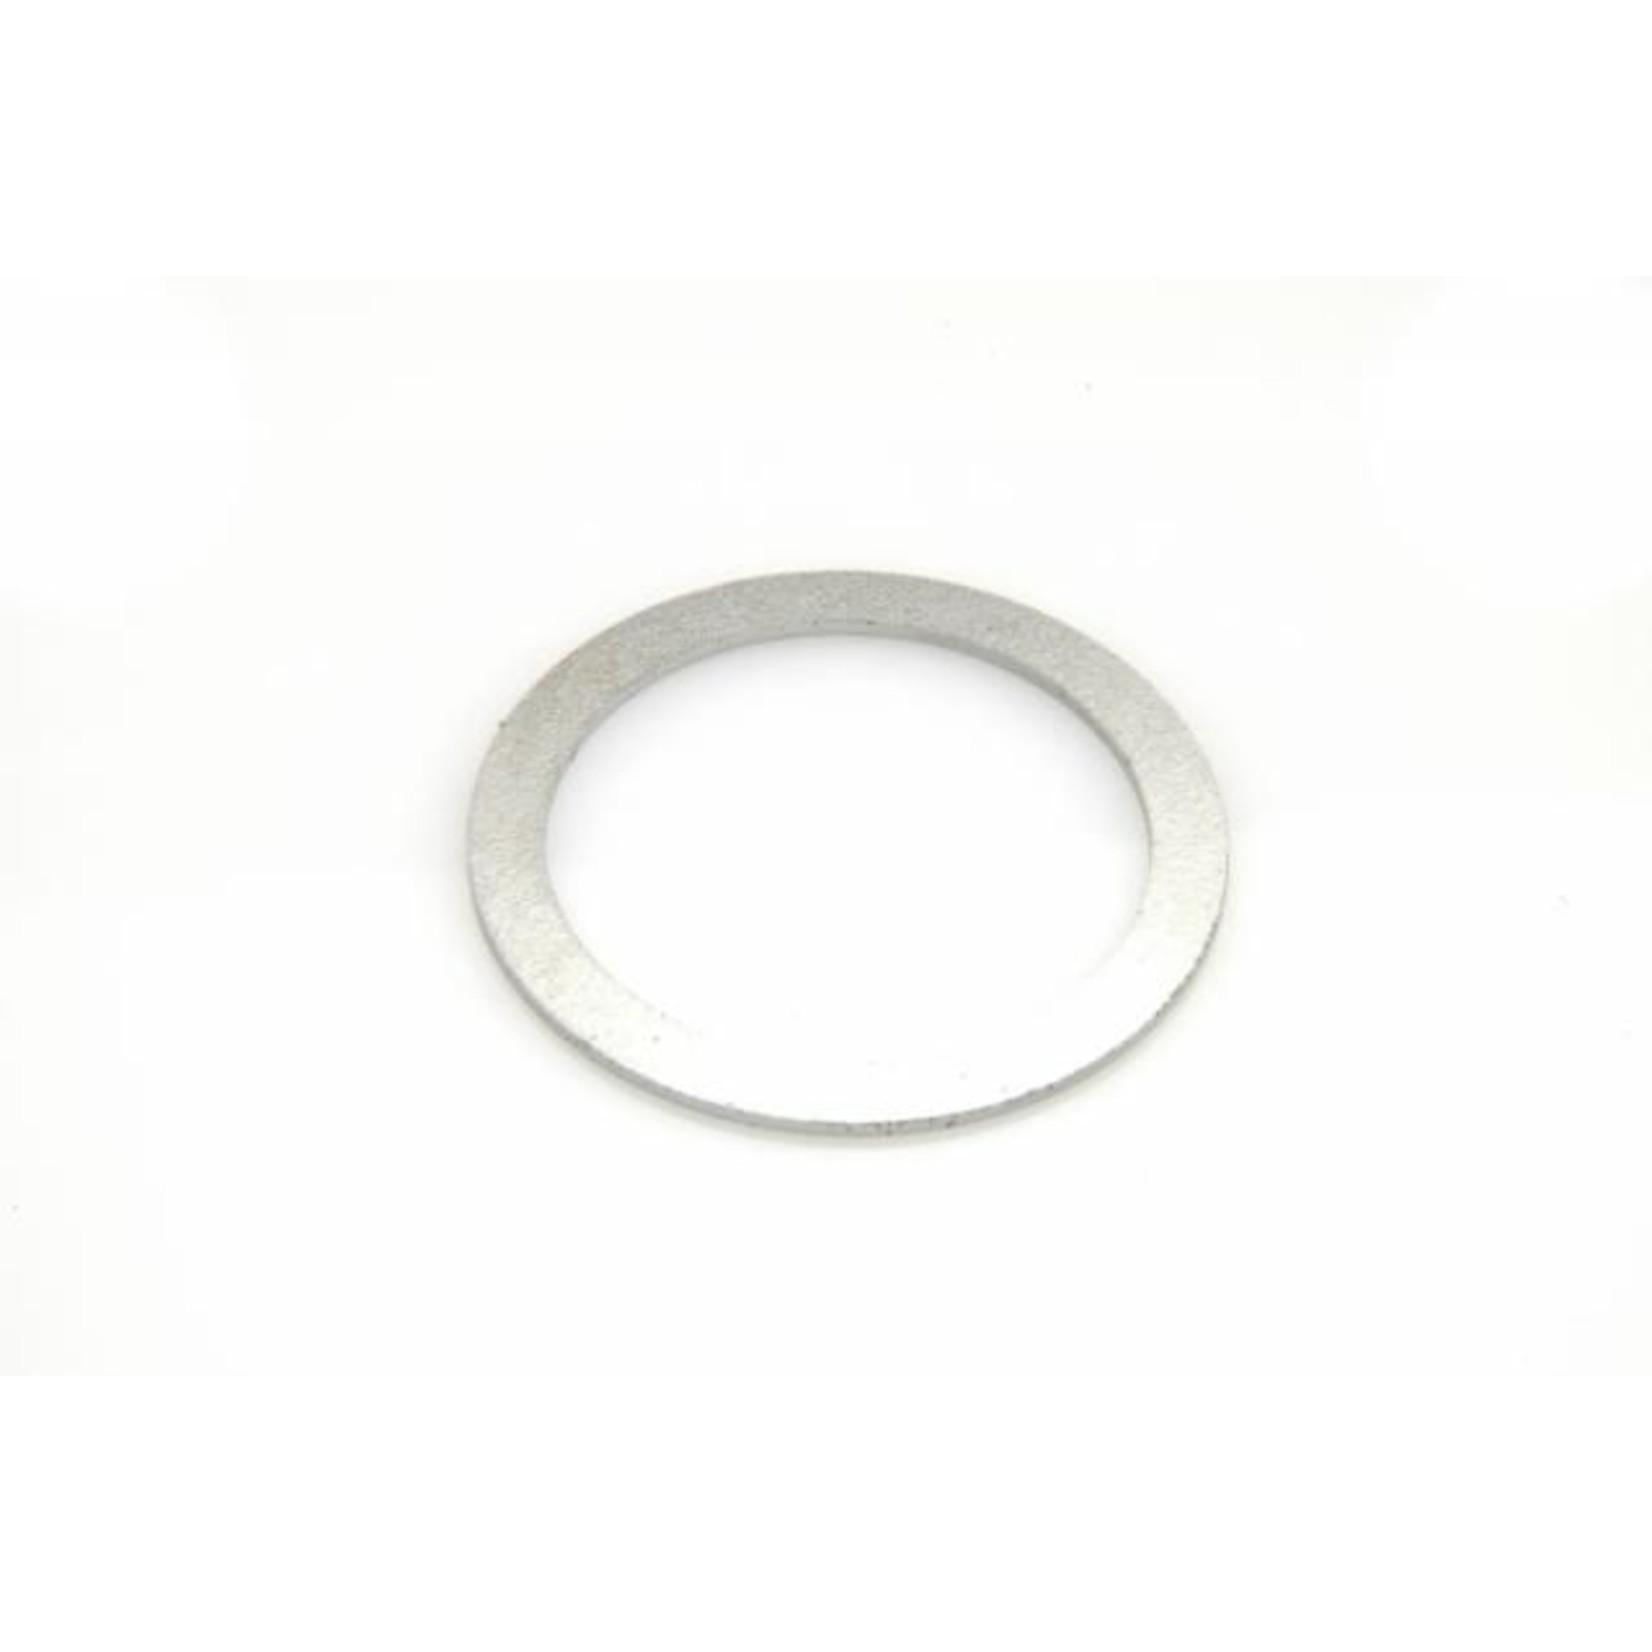 Rondelle joint tube bougie 62- Nr Org: 5416691